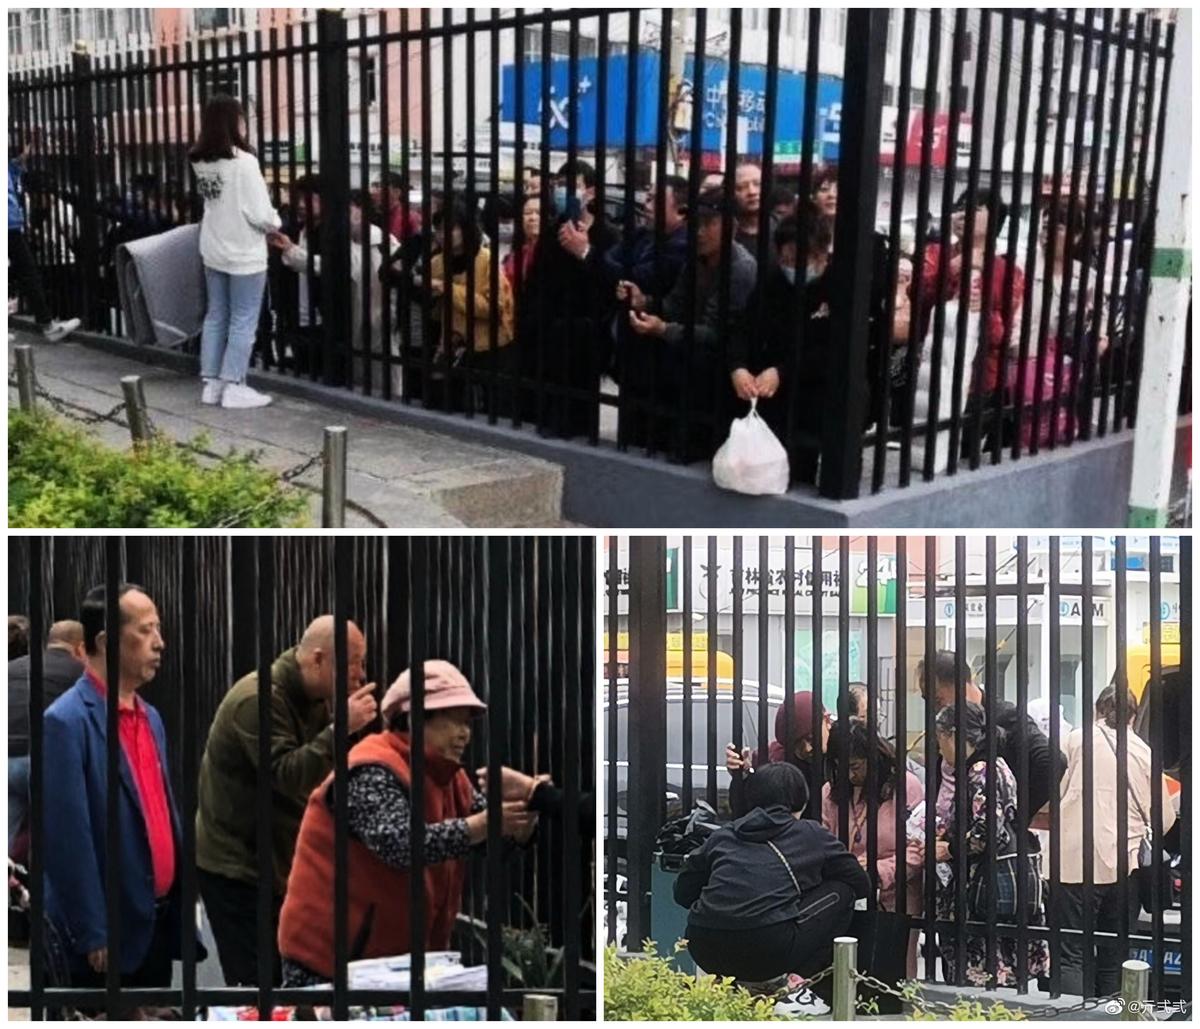 這是監獄還是學校?中秋佳節,被封閉中的吉林師大學生只能隔著柵欄同家長見面。(受訪者人提供)